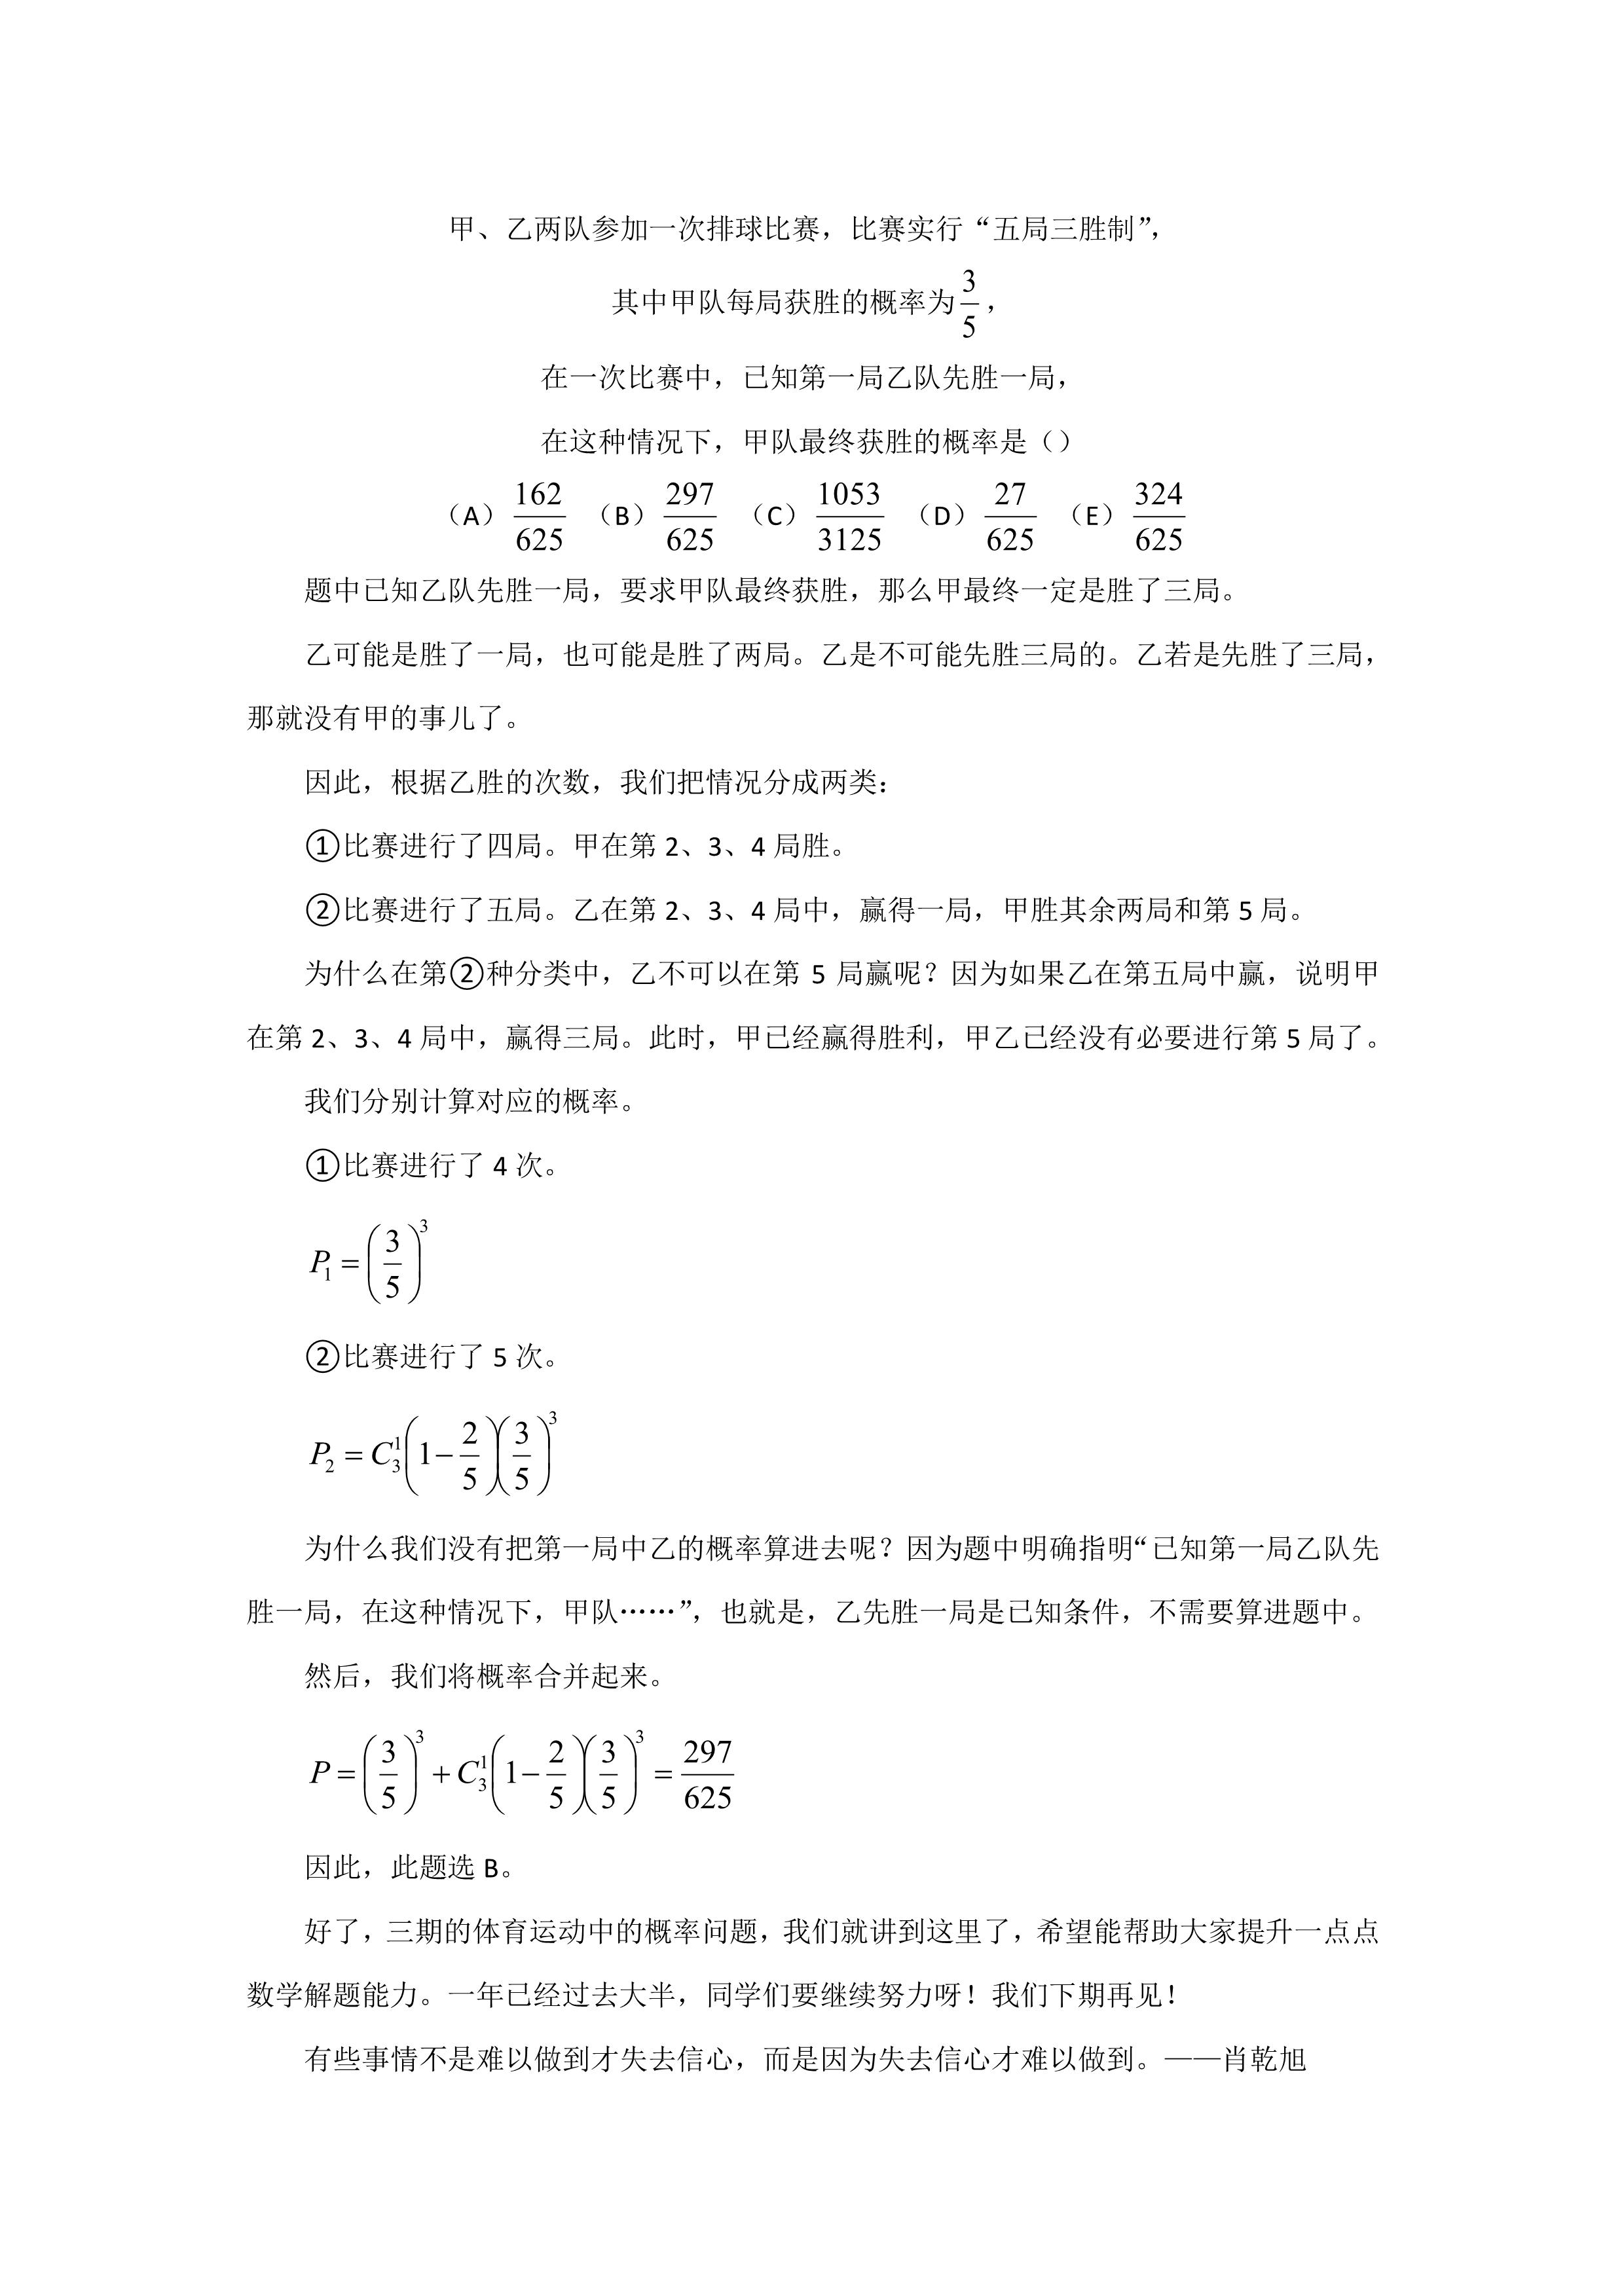 管理类联考数学真题